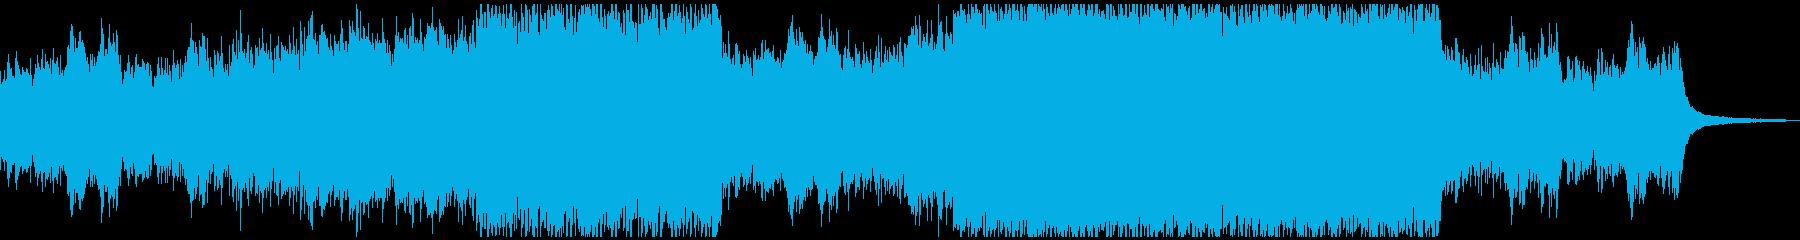 ピアノとオーケストラ行進曲風 エスニックの再生済みの波形